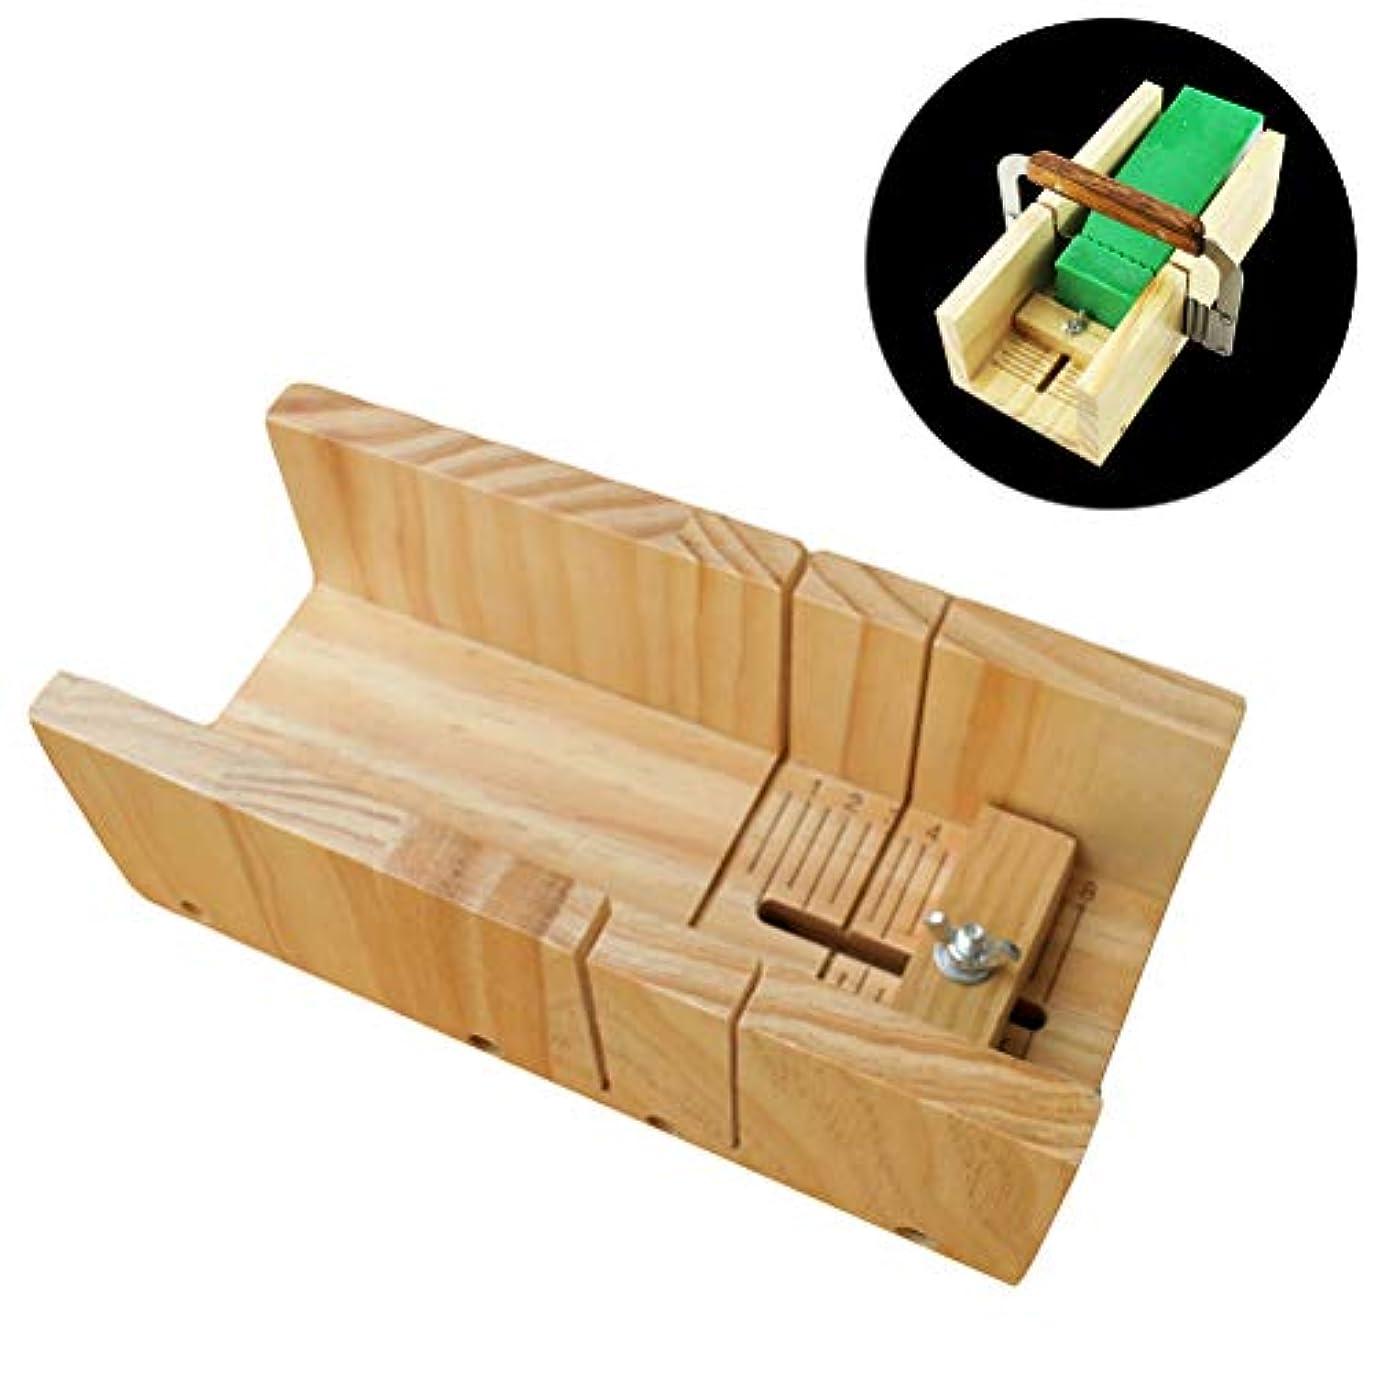 工夫するインペリアルラフHealifty 木製石鹸カッターモールド石鹸ロープモールド調節可能なカッターモールドボックス石鹸ツールを作る